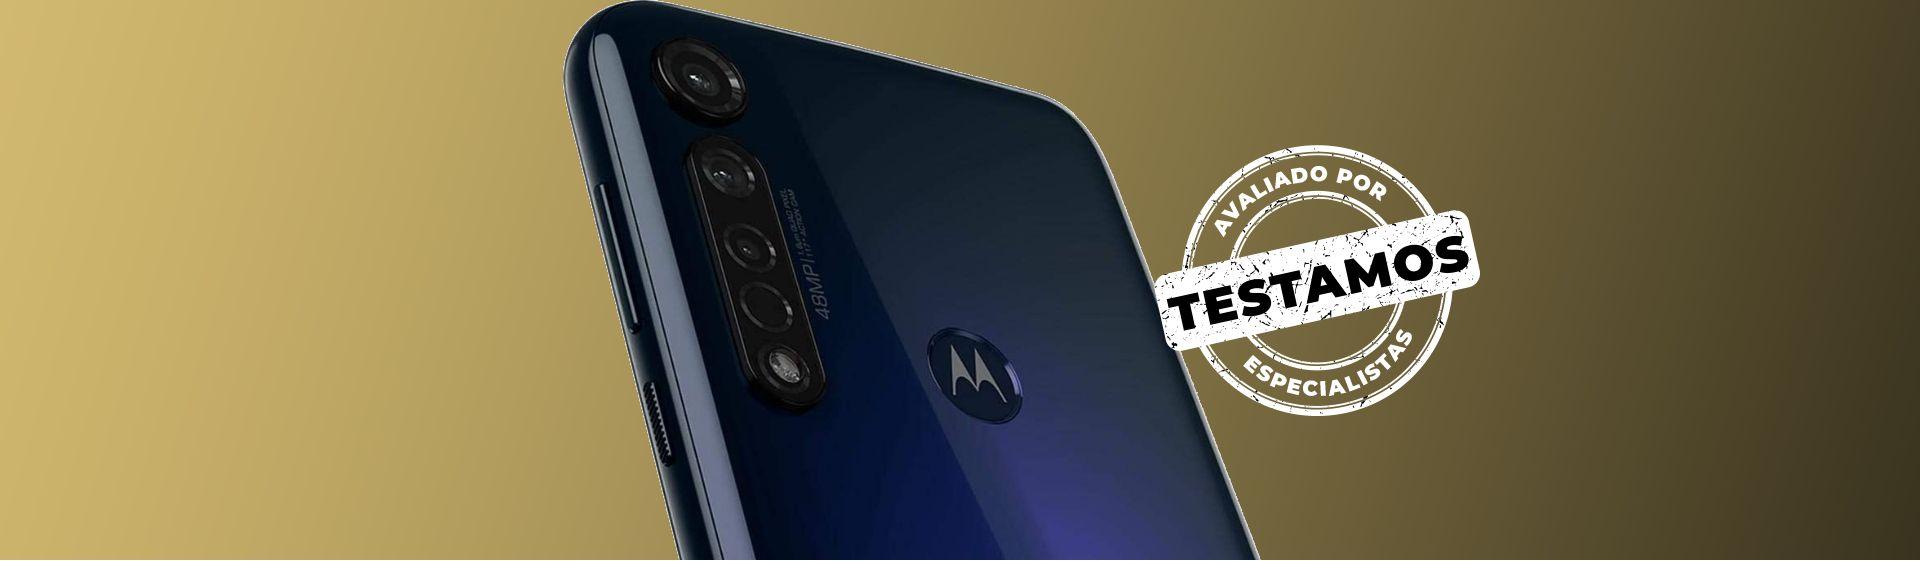 Review Moto G8 Plus: vale a pena comprar o celular da Motorola?